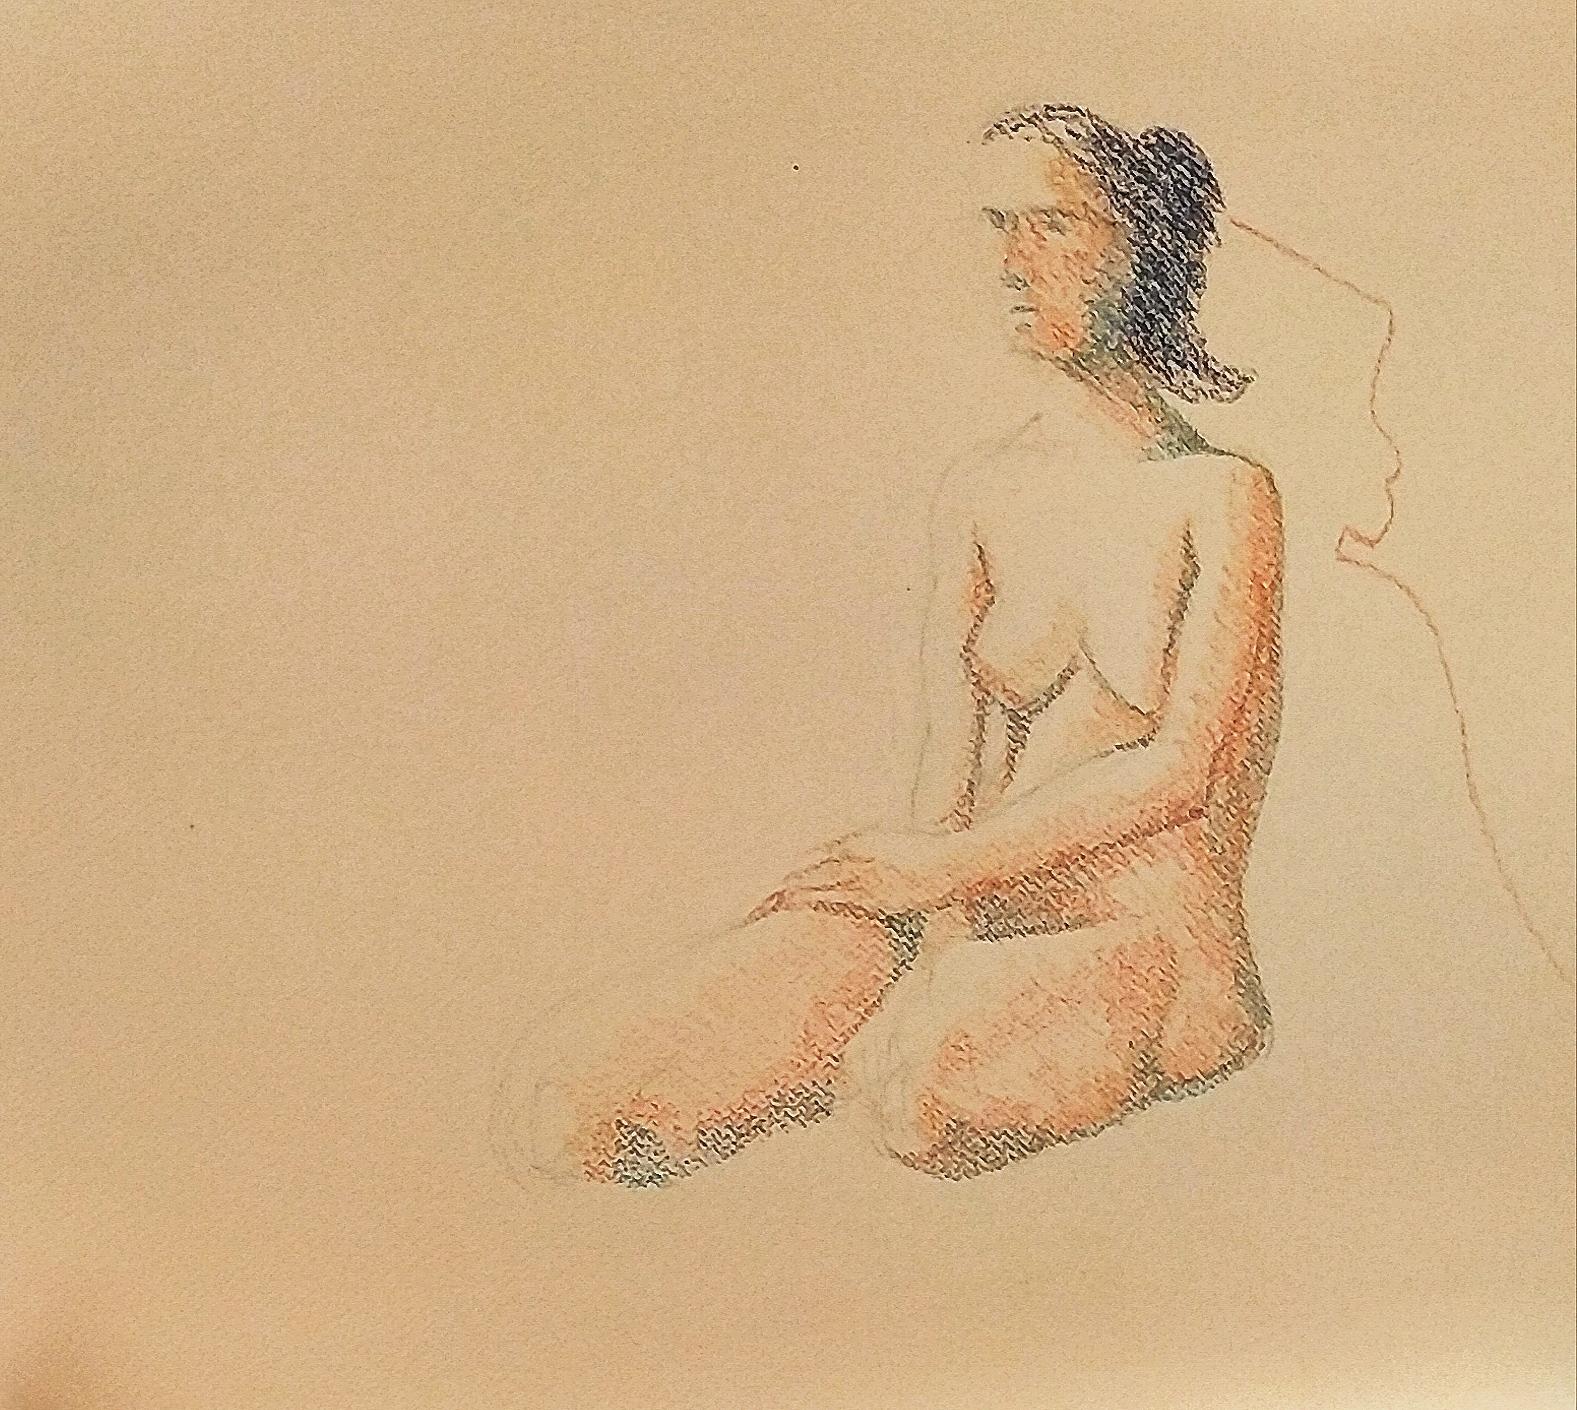 Dessin en couleurs pointillisme trame sur papier  cours de dessin